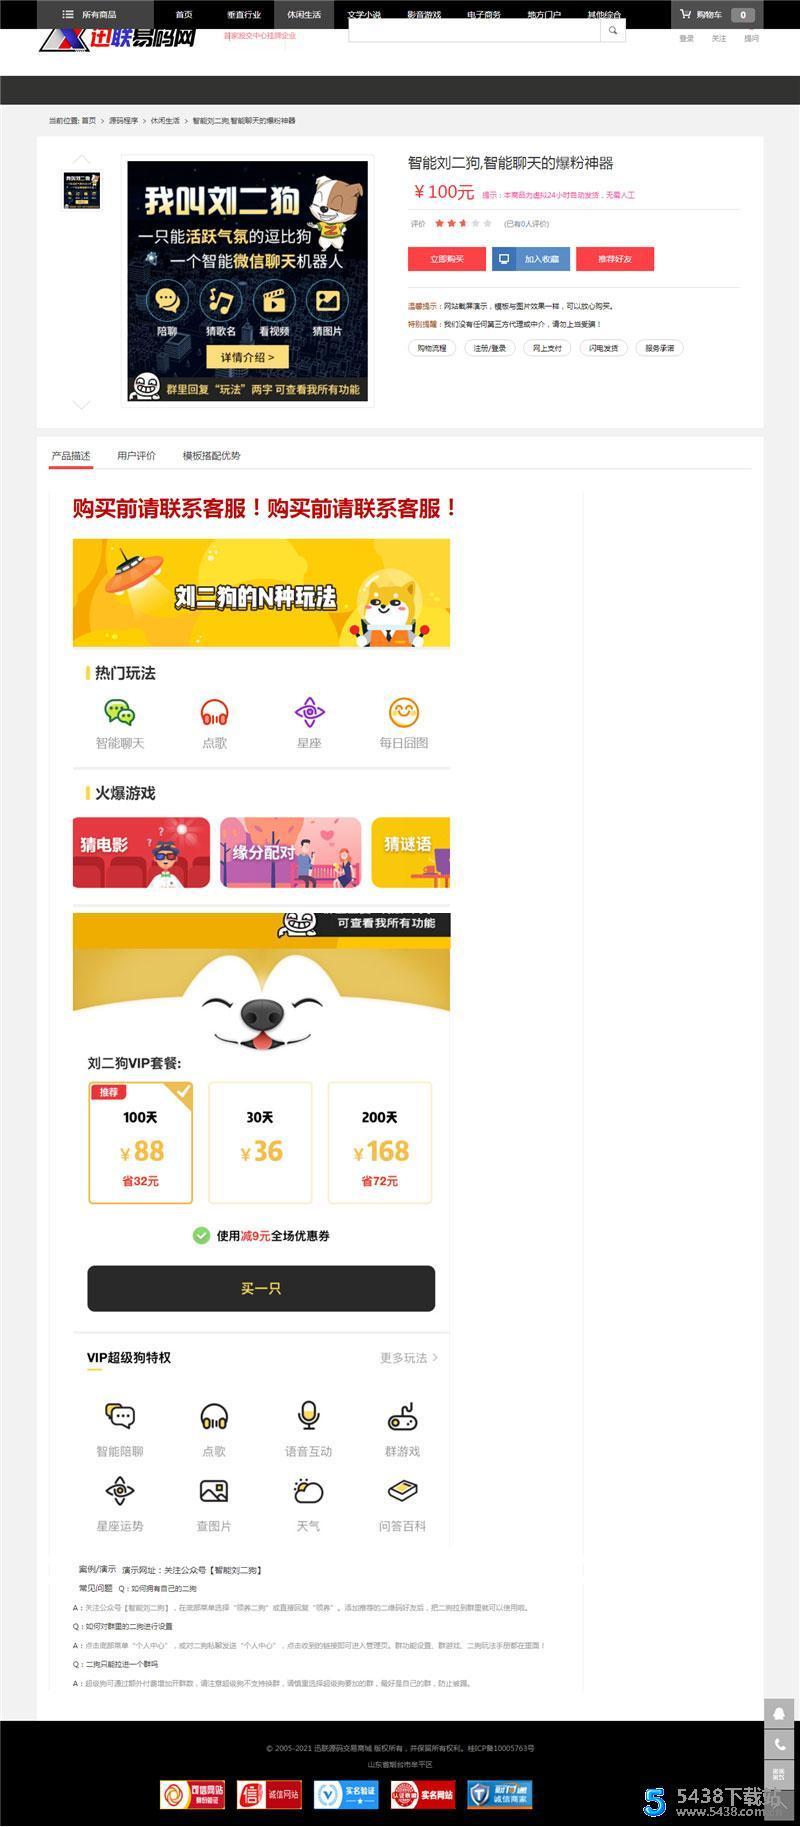 大气精美的PHP虚拟资源素材商品交易平台网站源码大气图片